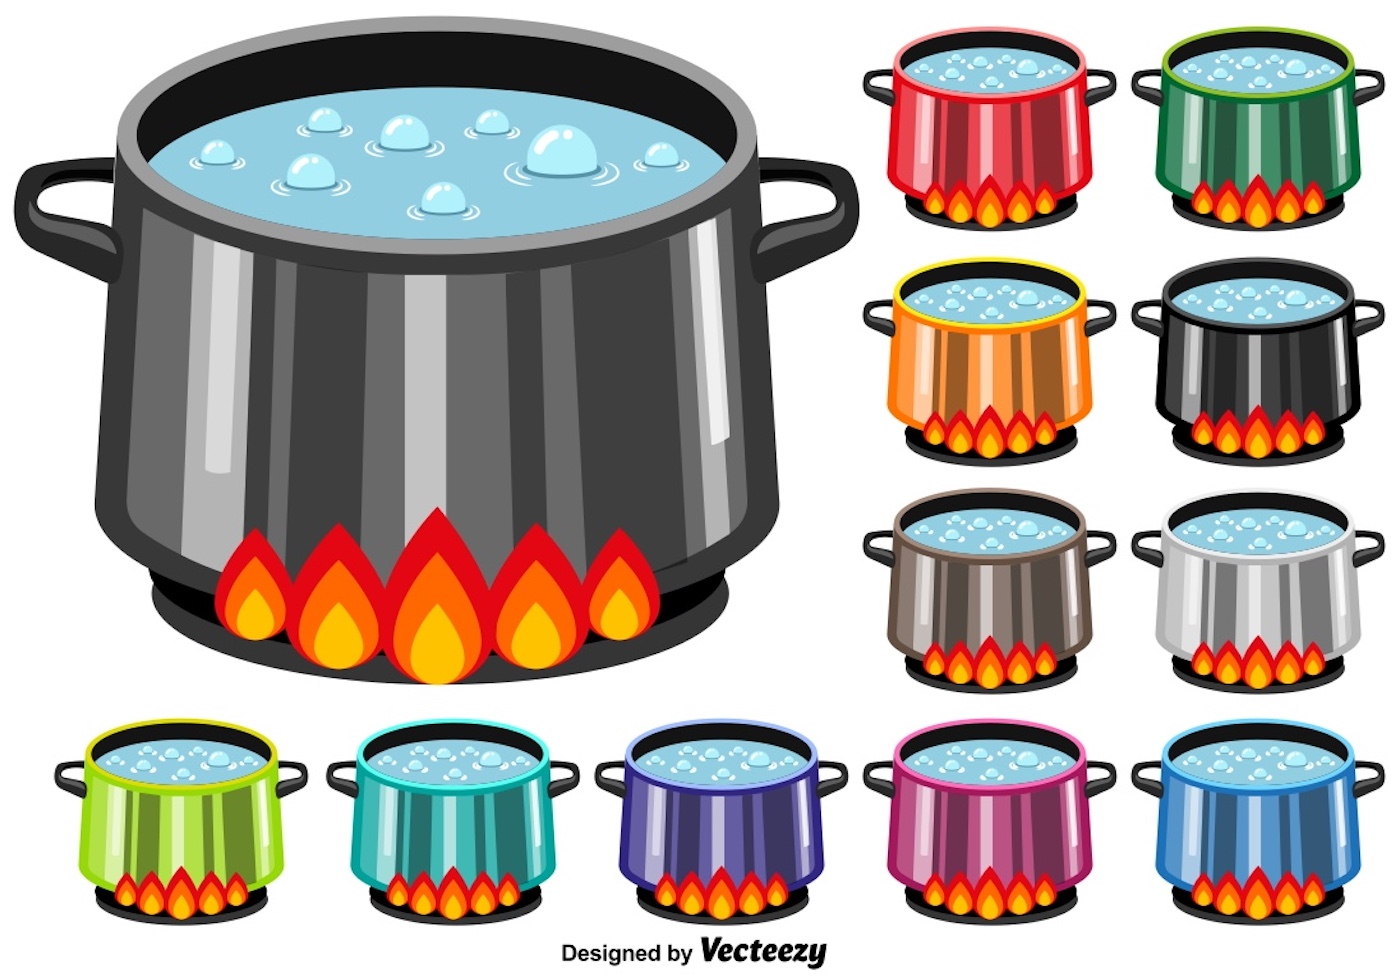 Kochendes wasser vektor icons kostenlose vektor kunst archiv grafiken bilder herunterladen - Warmflasche kochendes wasser ...